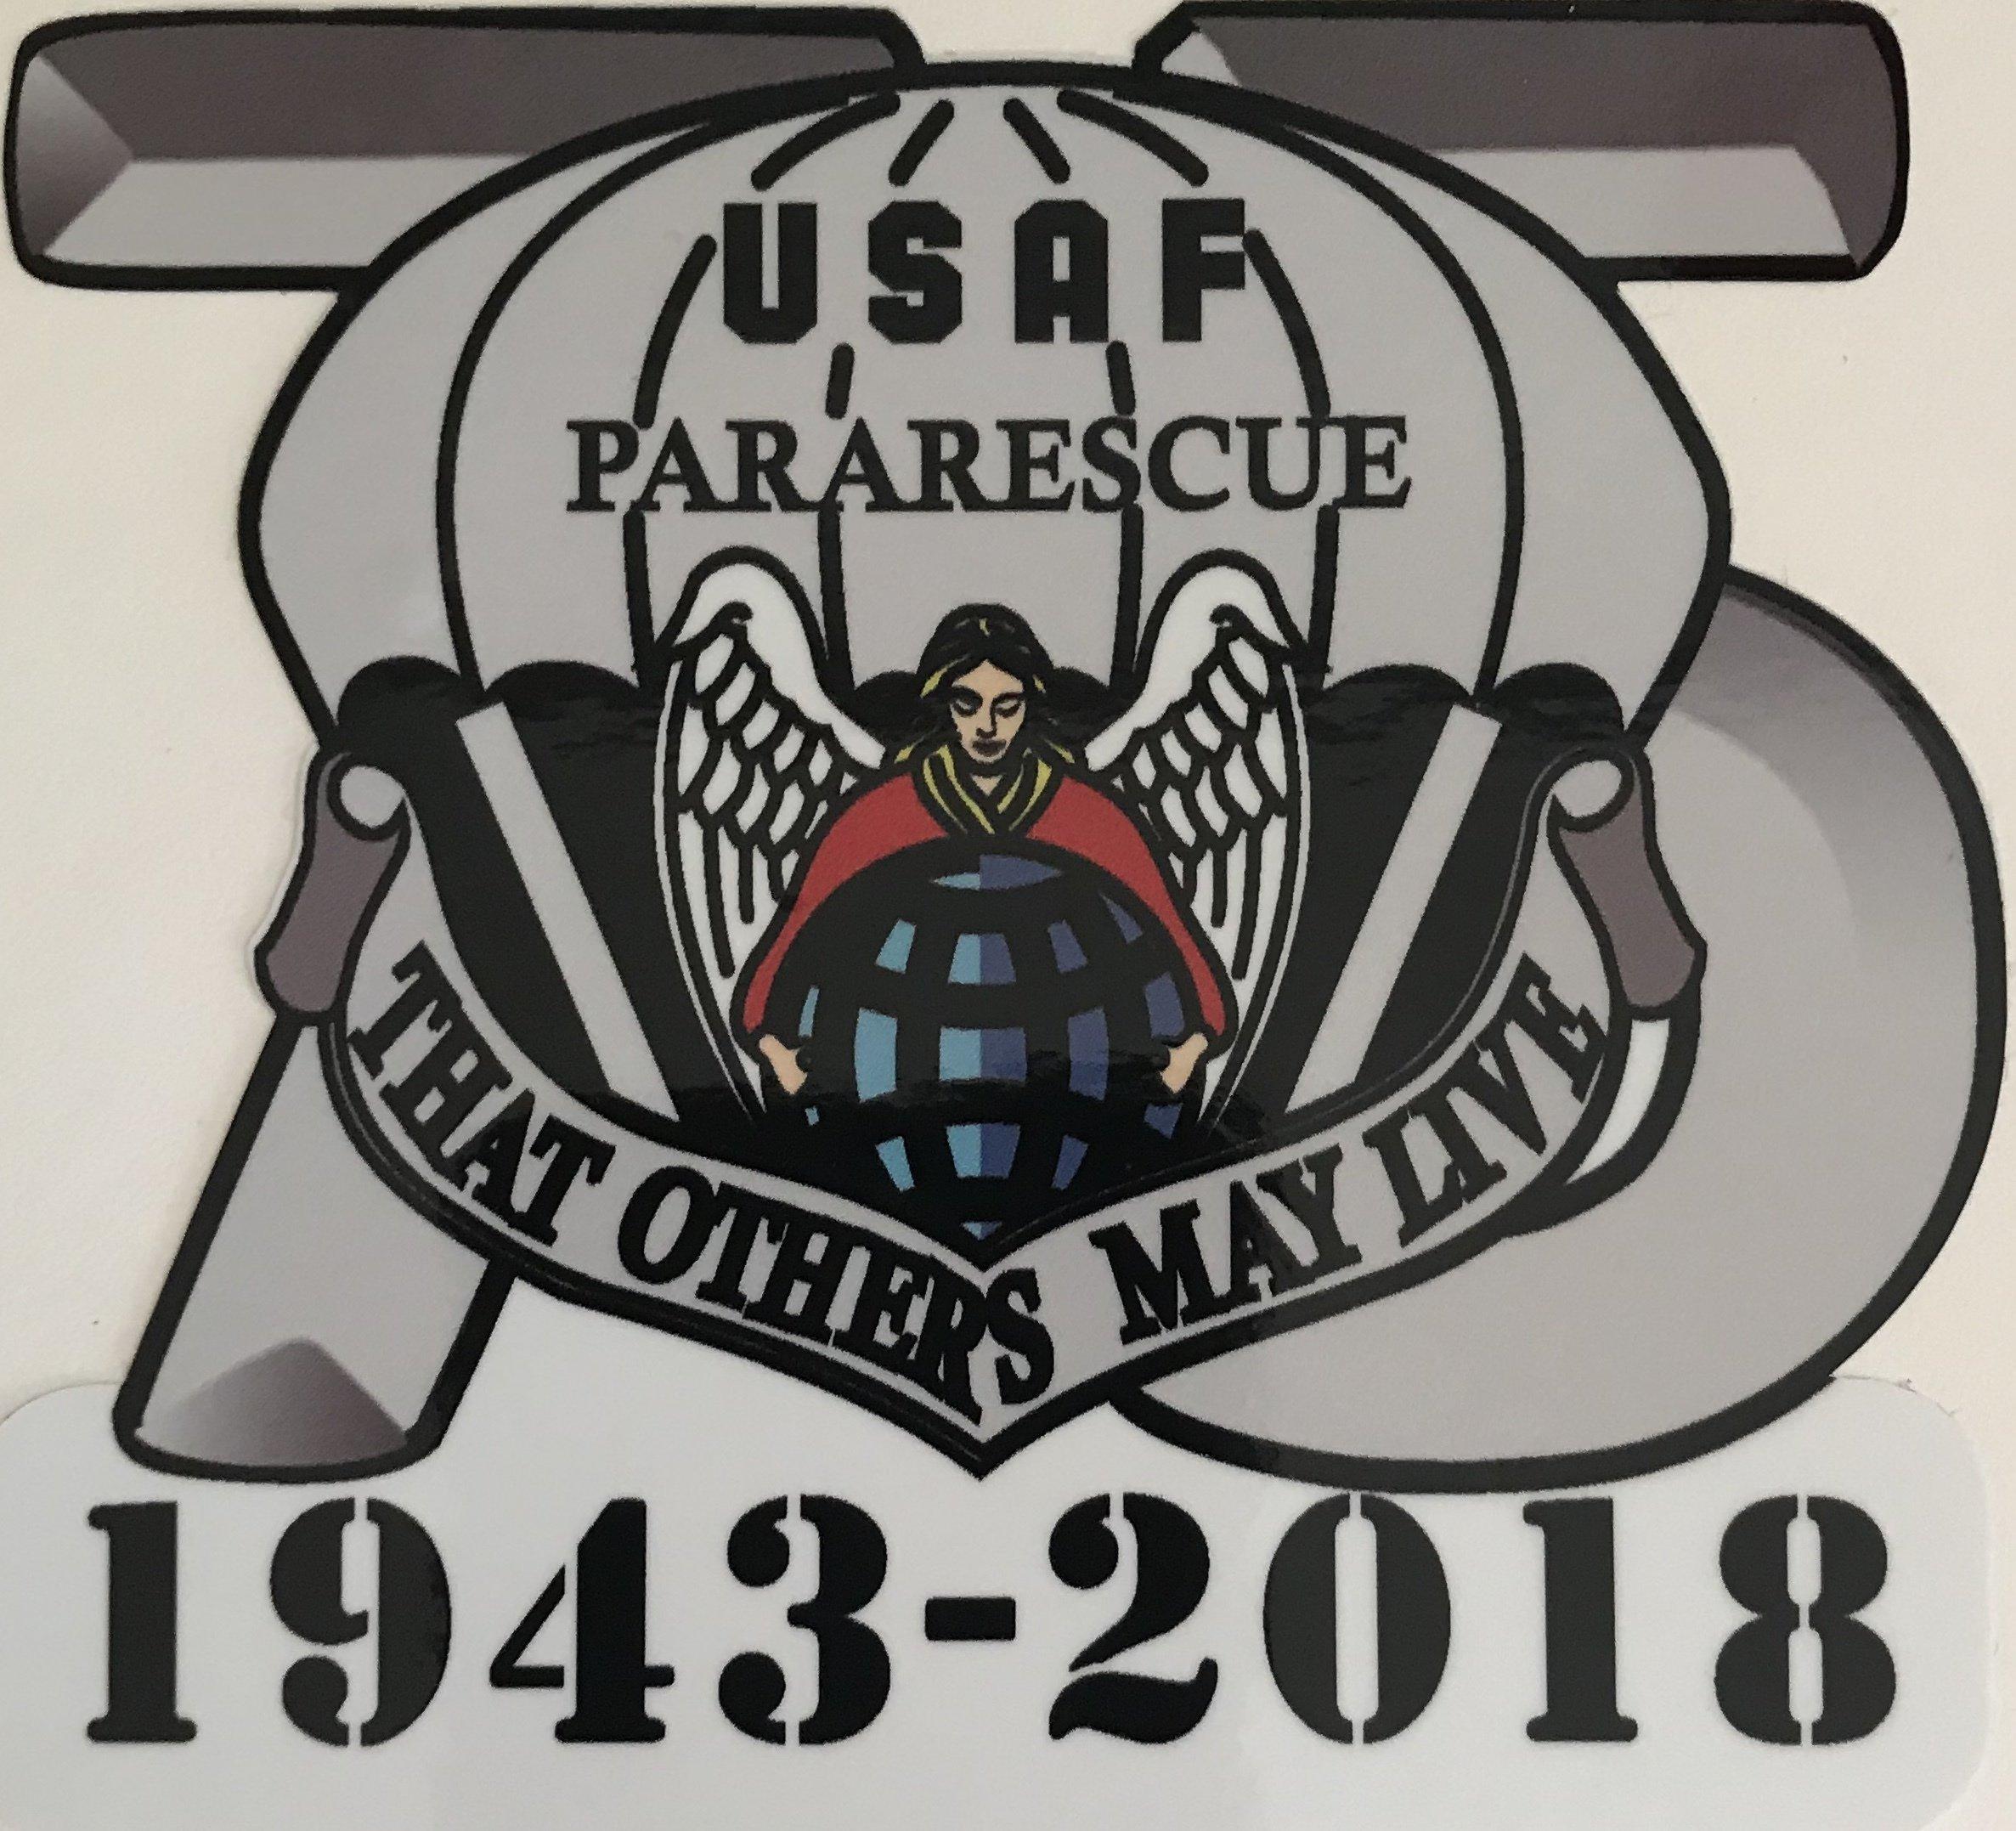 dsp/ ParaRescue 75th Anniversary Sticker (2 stickers) 06-0024